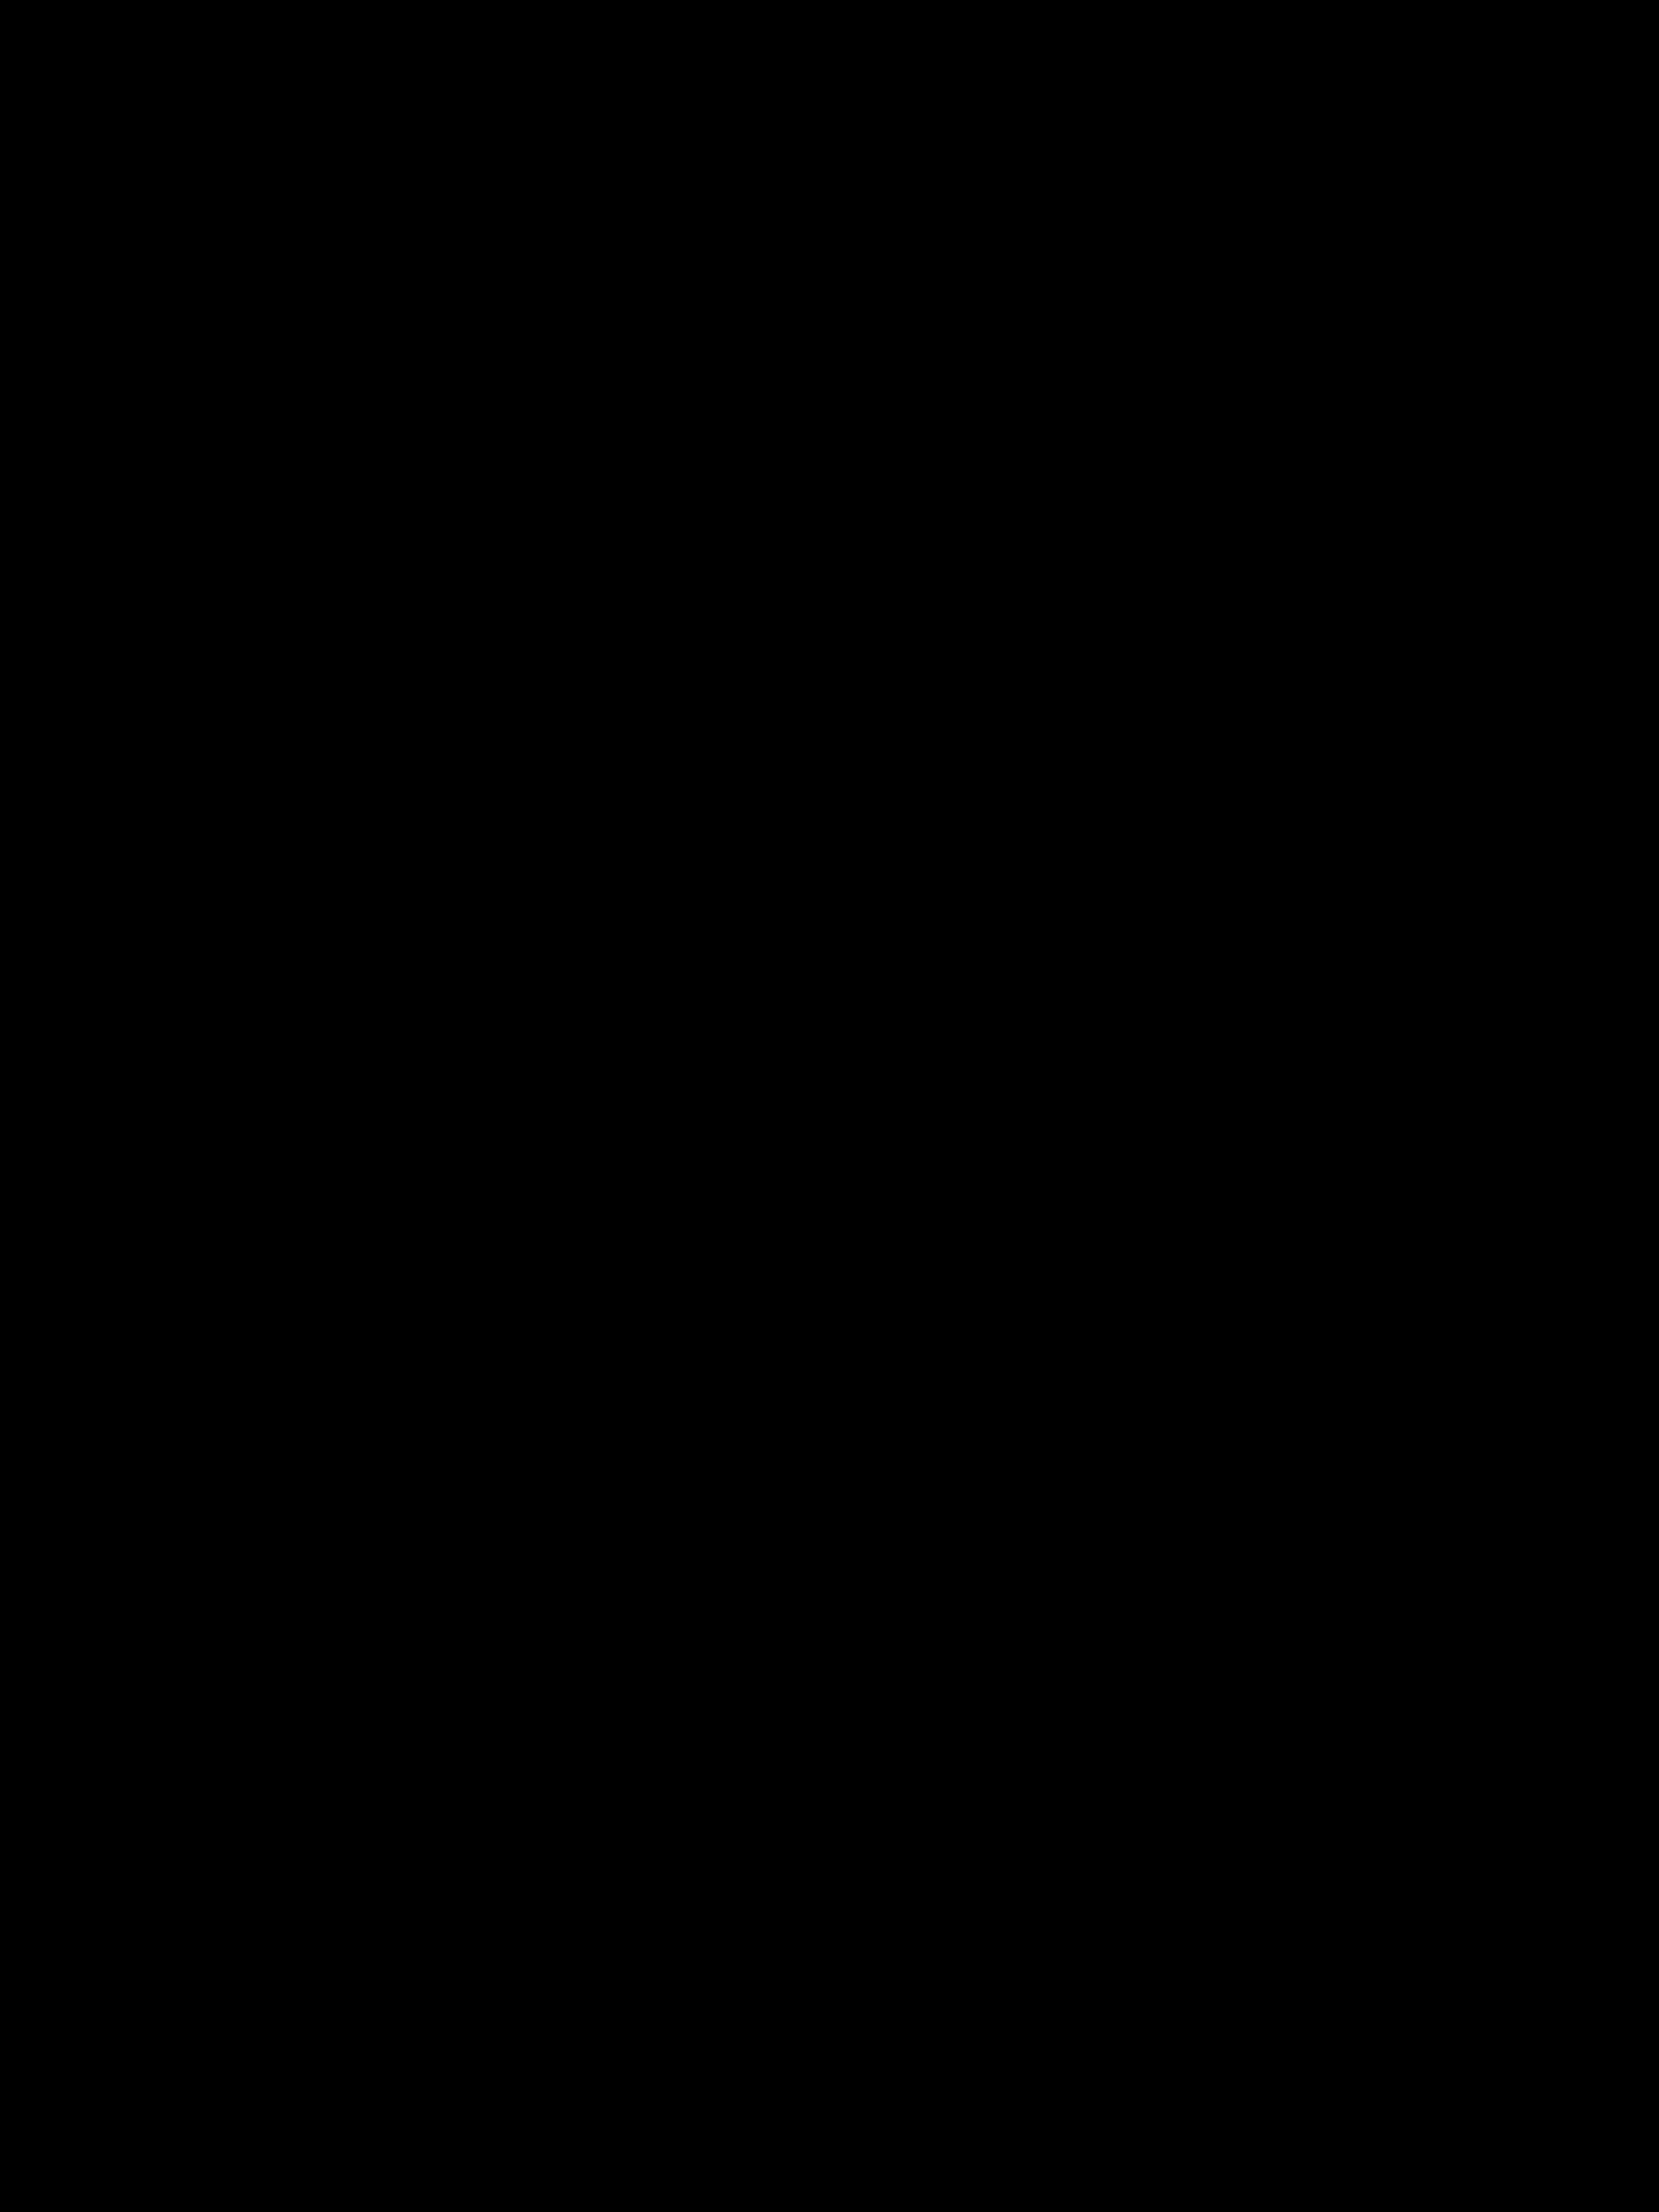 Original gustavianischer Lindome aus dem 18. Jahrhundert